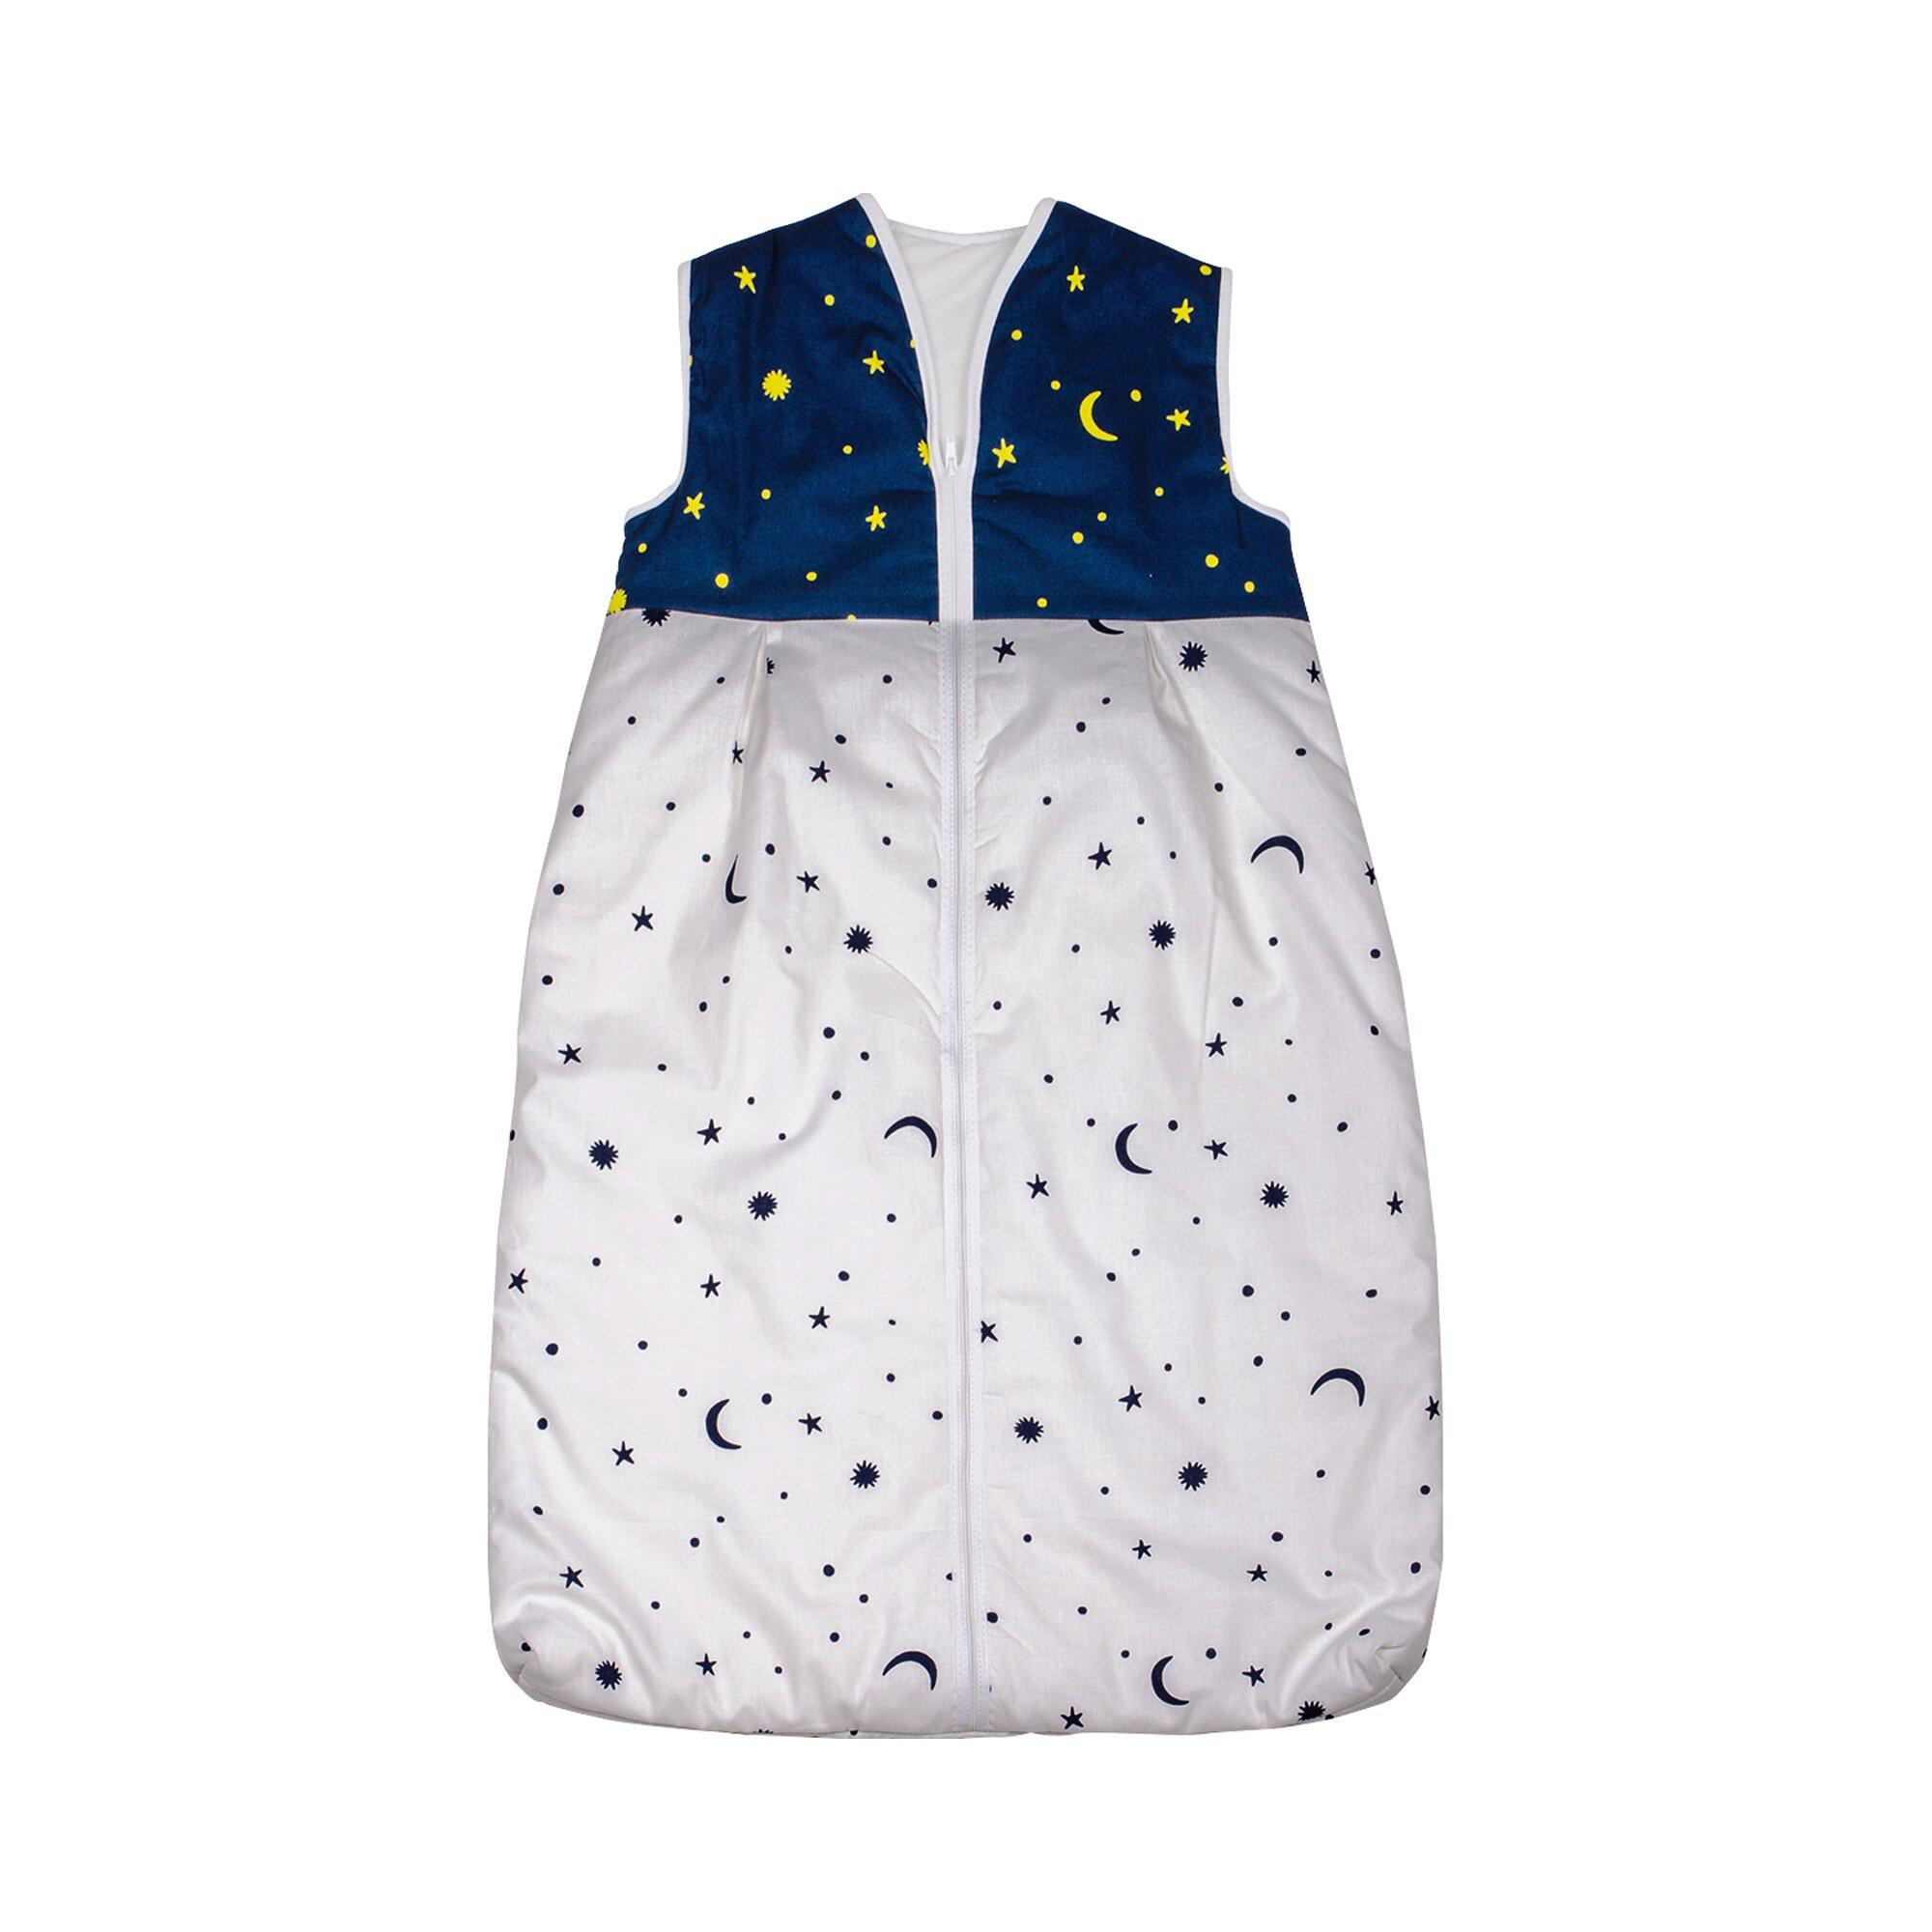 Bornino Home Ganzjahresschlafsack Tencel® Mond- und Sterne